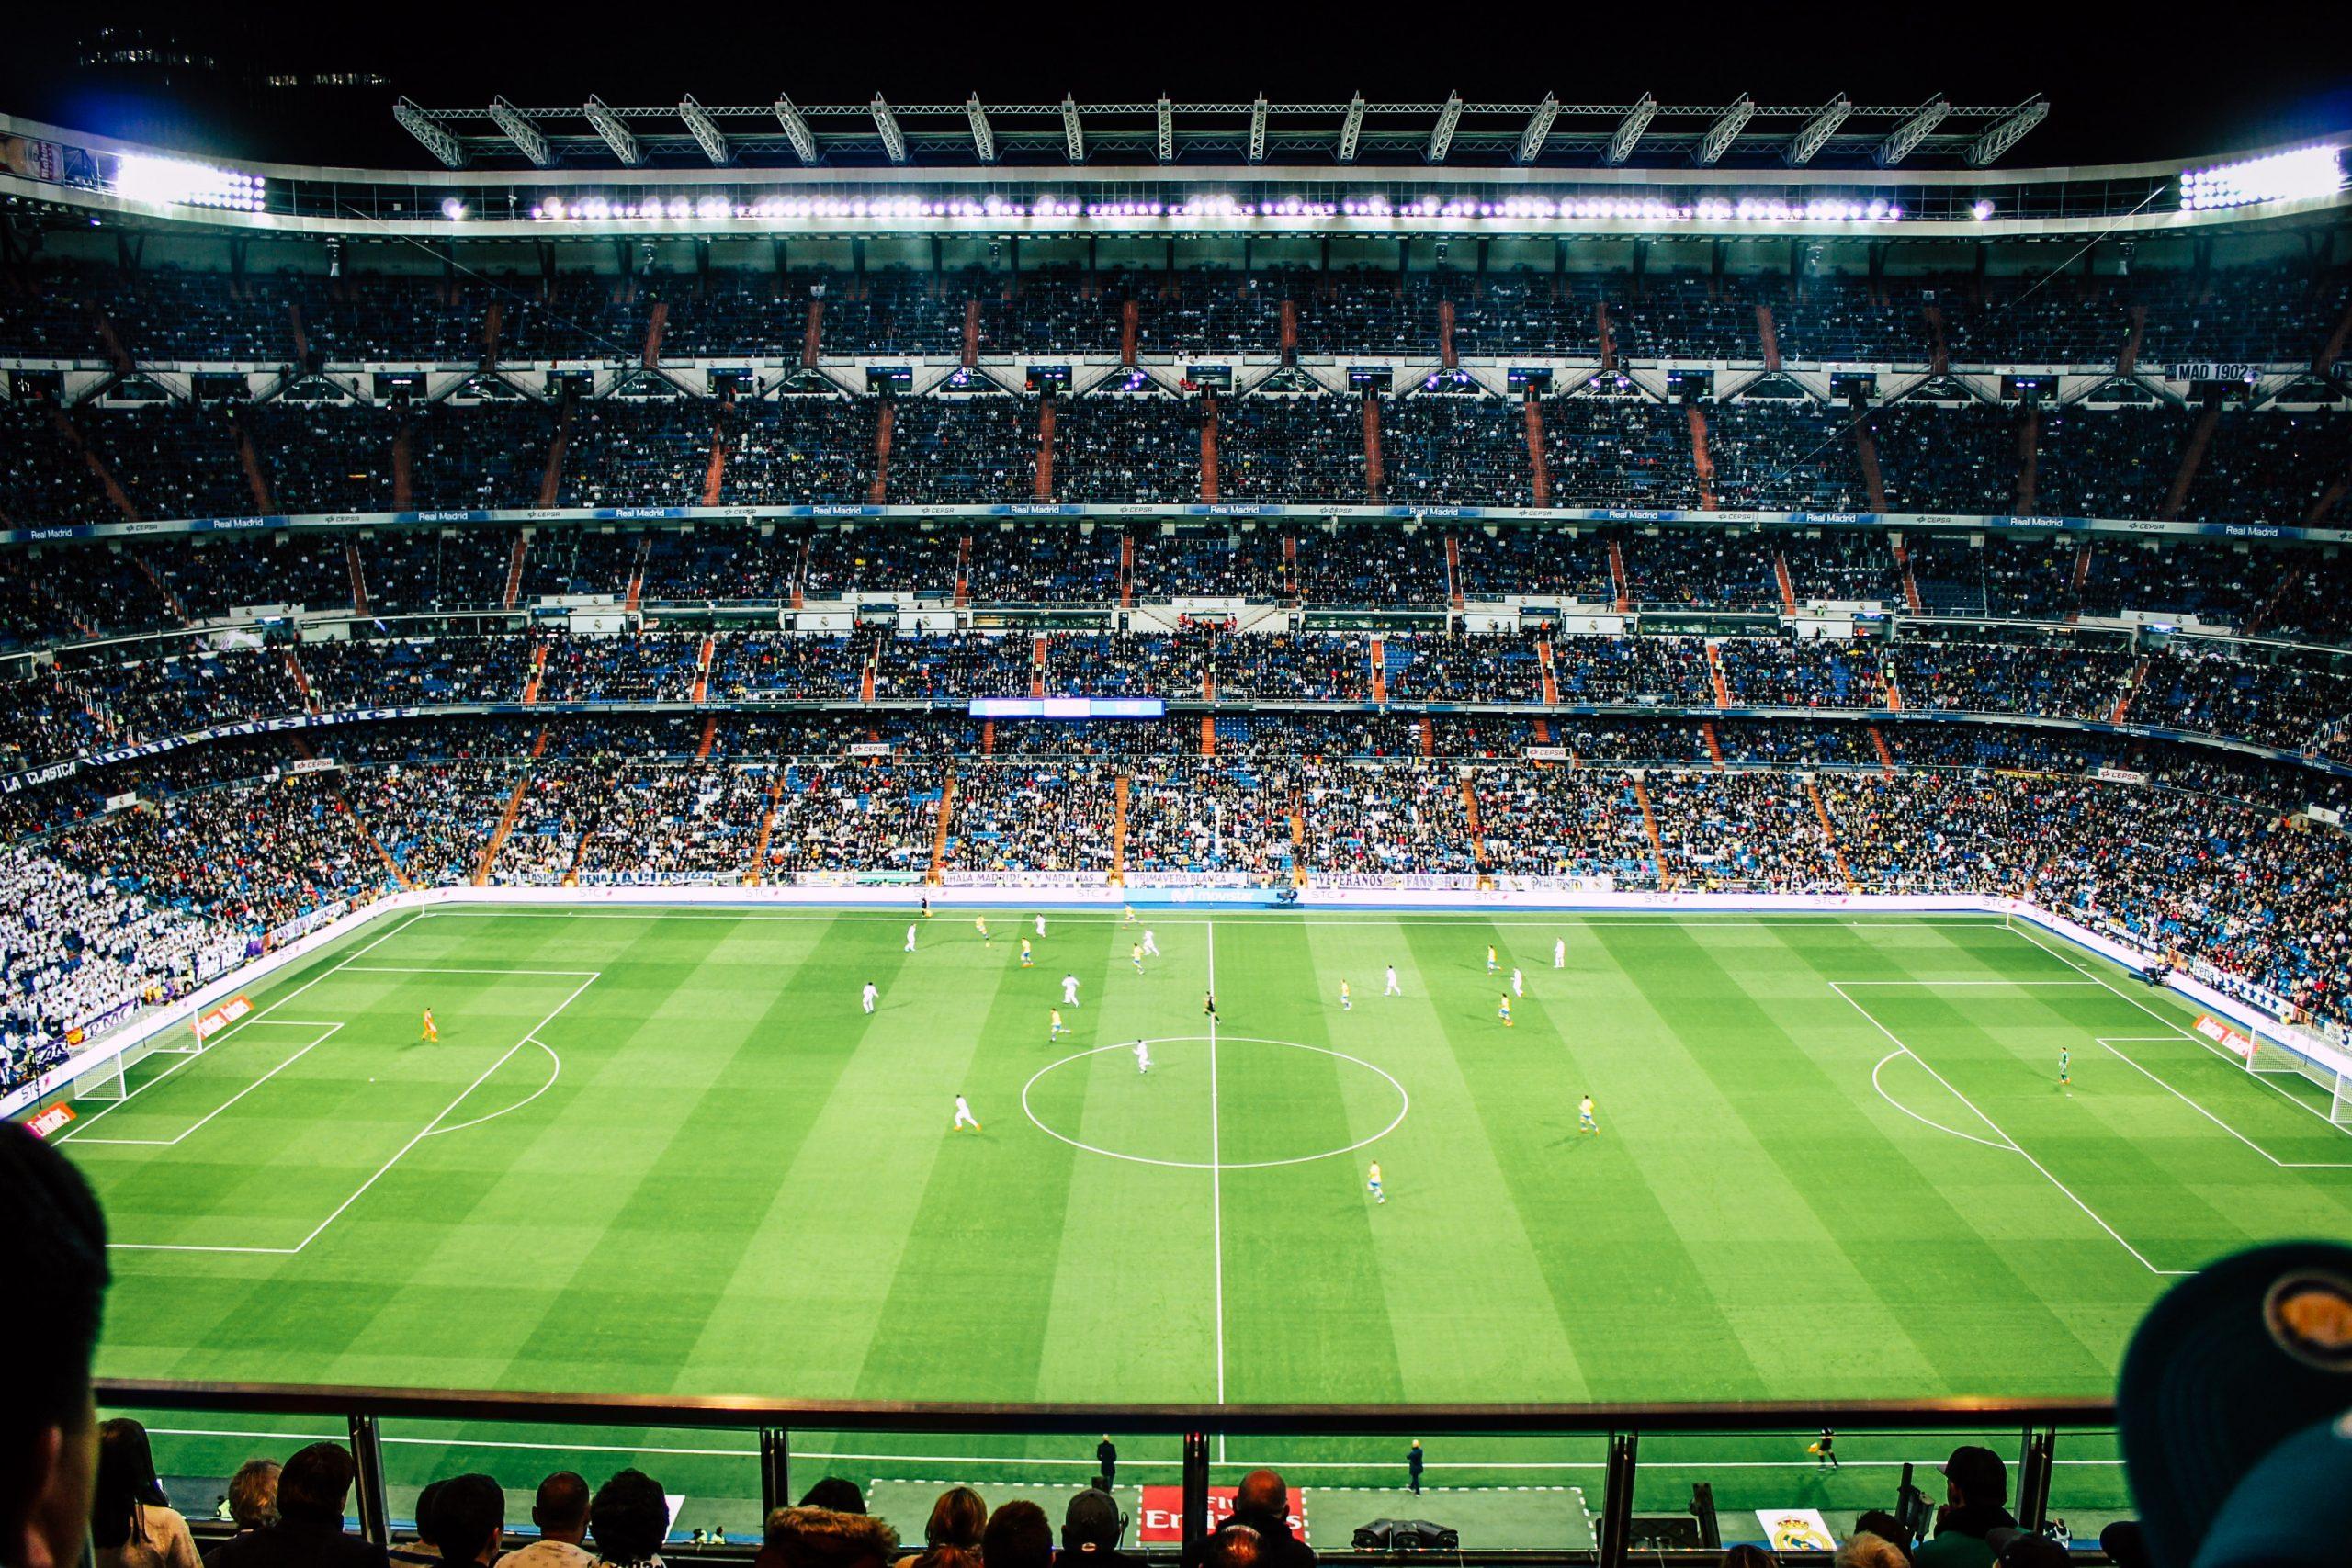 Fußballfans haben erhöhtes Herzinfarkt-Risiko